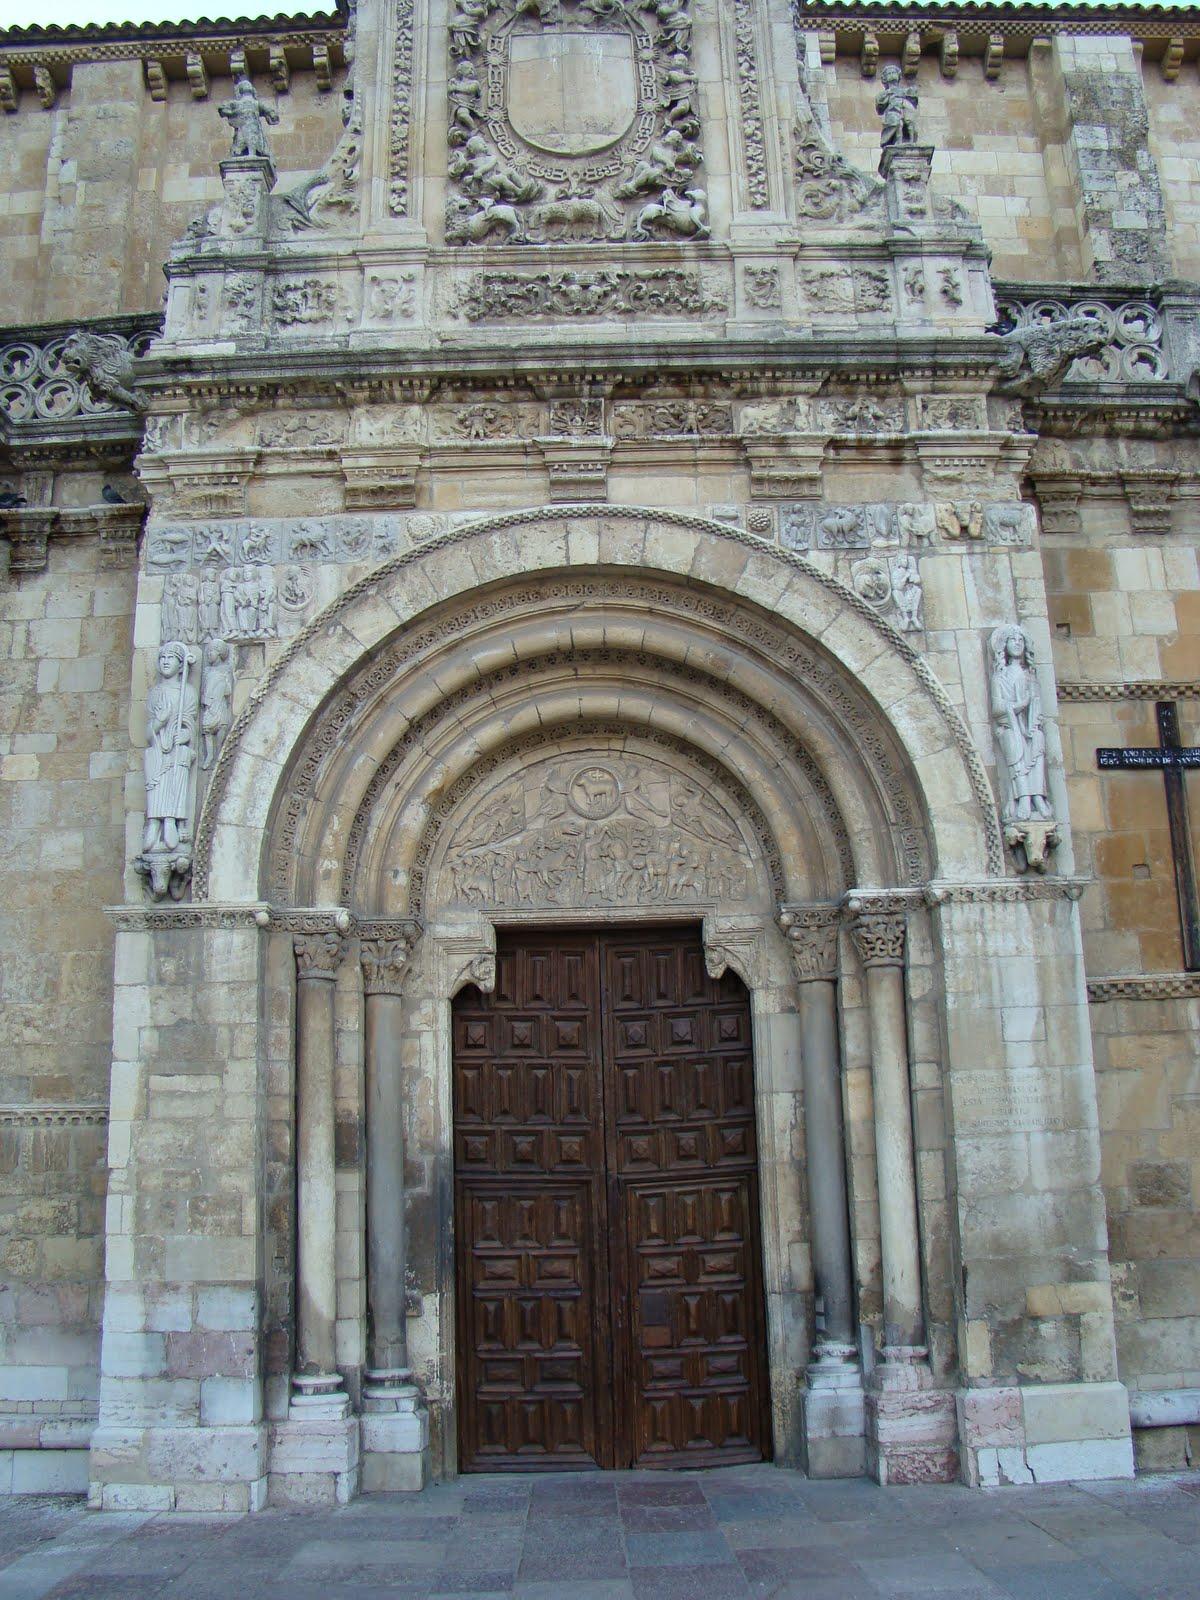 Por amor al arte y iii la puerta del codero colegiata for Puerta 4 del jockey